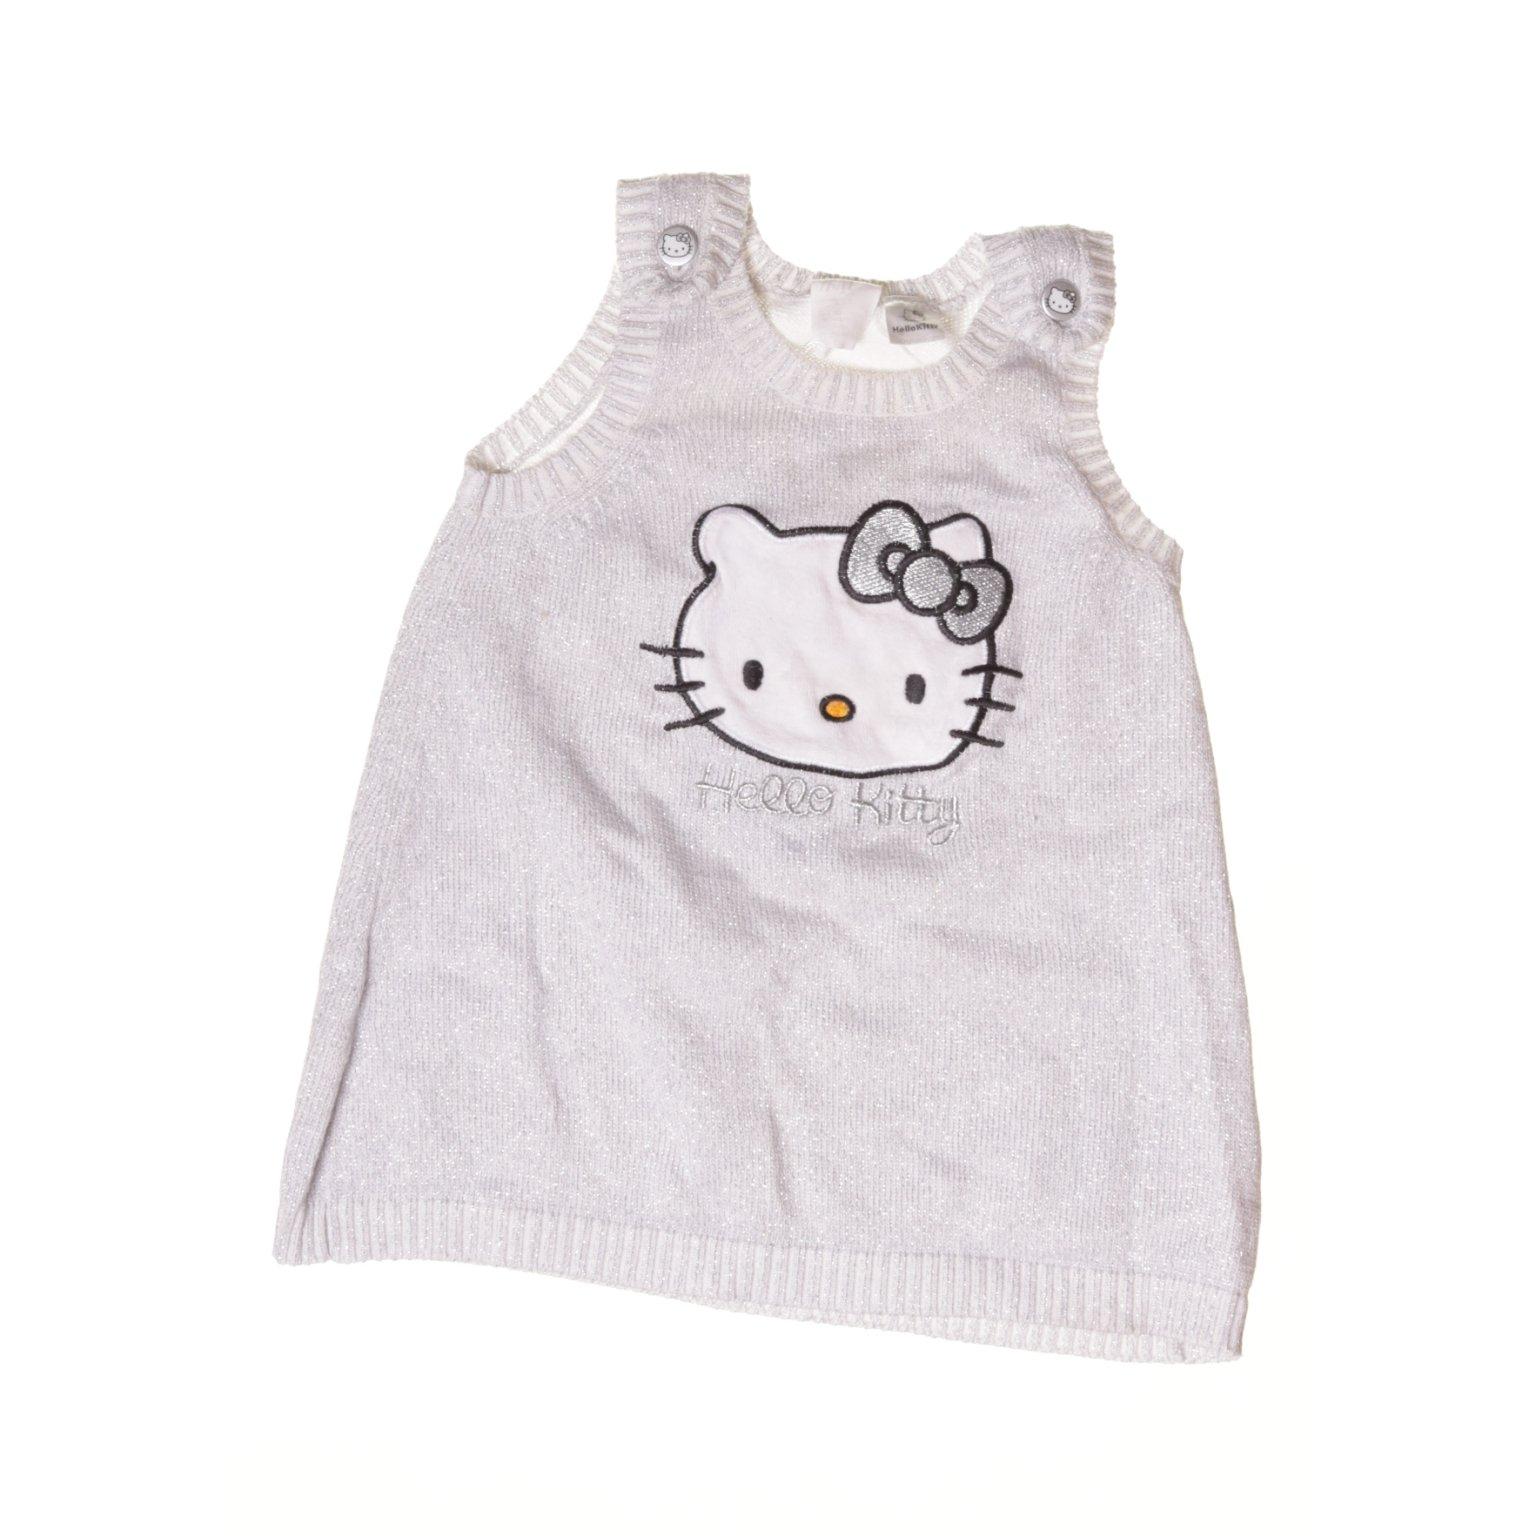 H&M kids x Hello Kitty, Klänning, Strl: 68, Grå